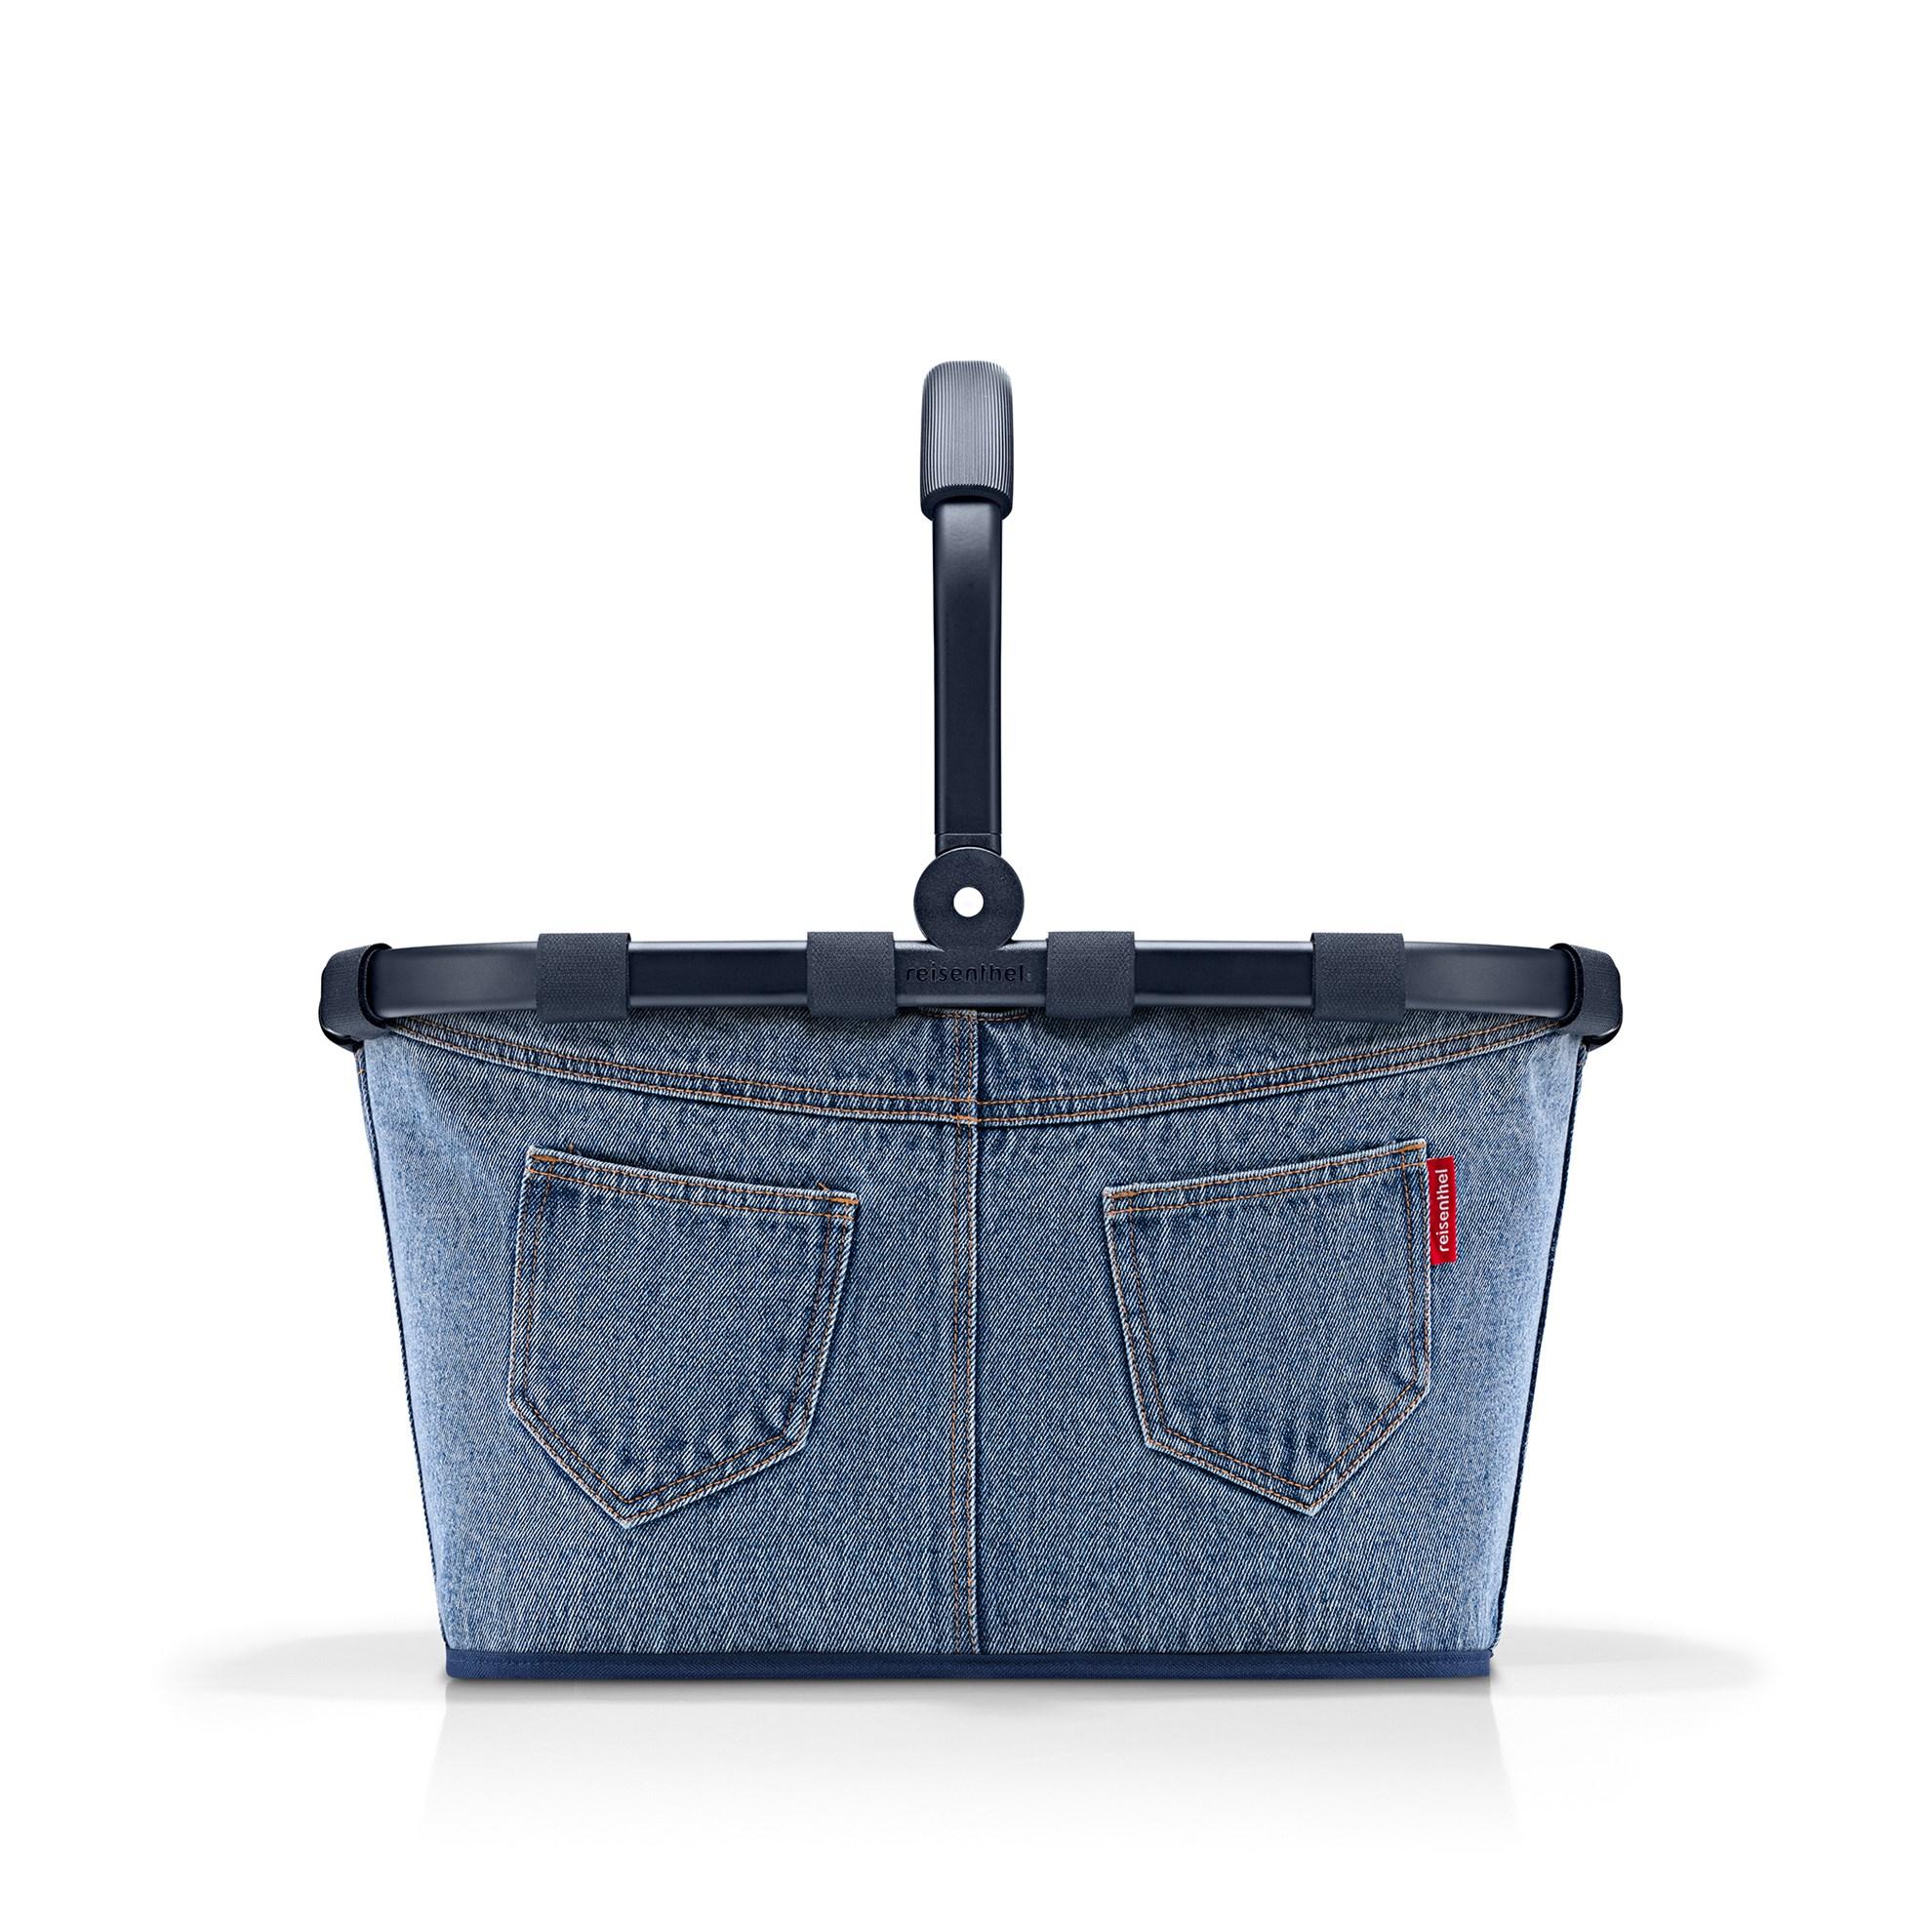 Nákupní košík Carrybag frame jeans classic blue_1